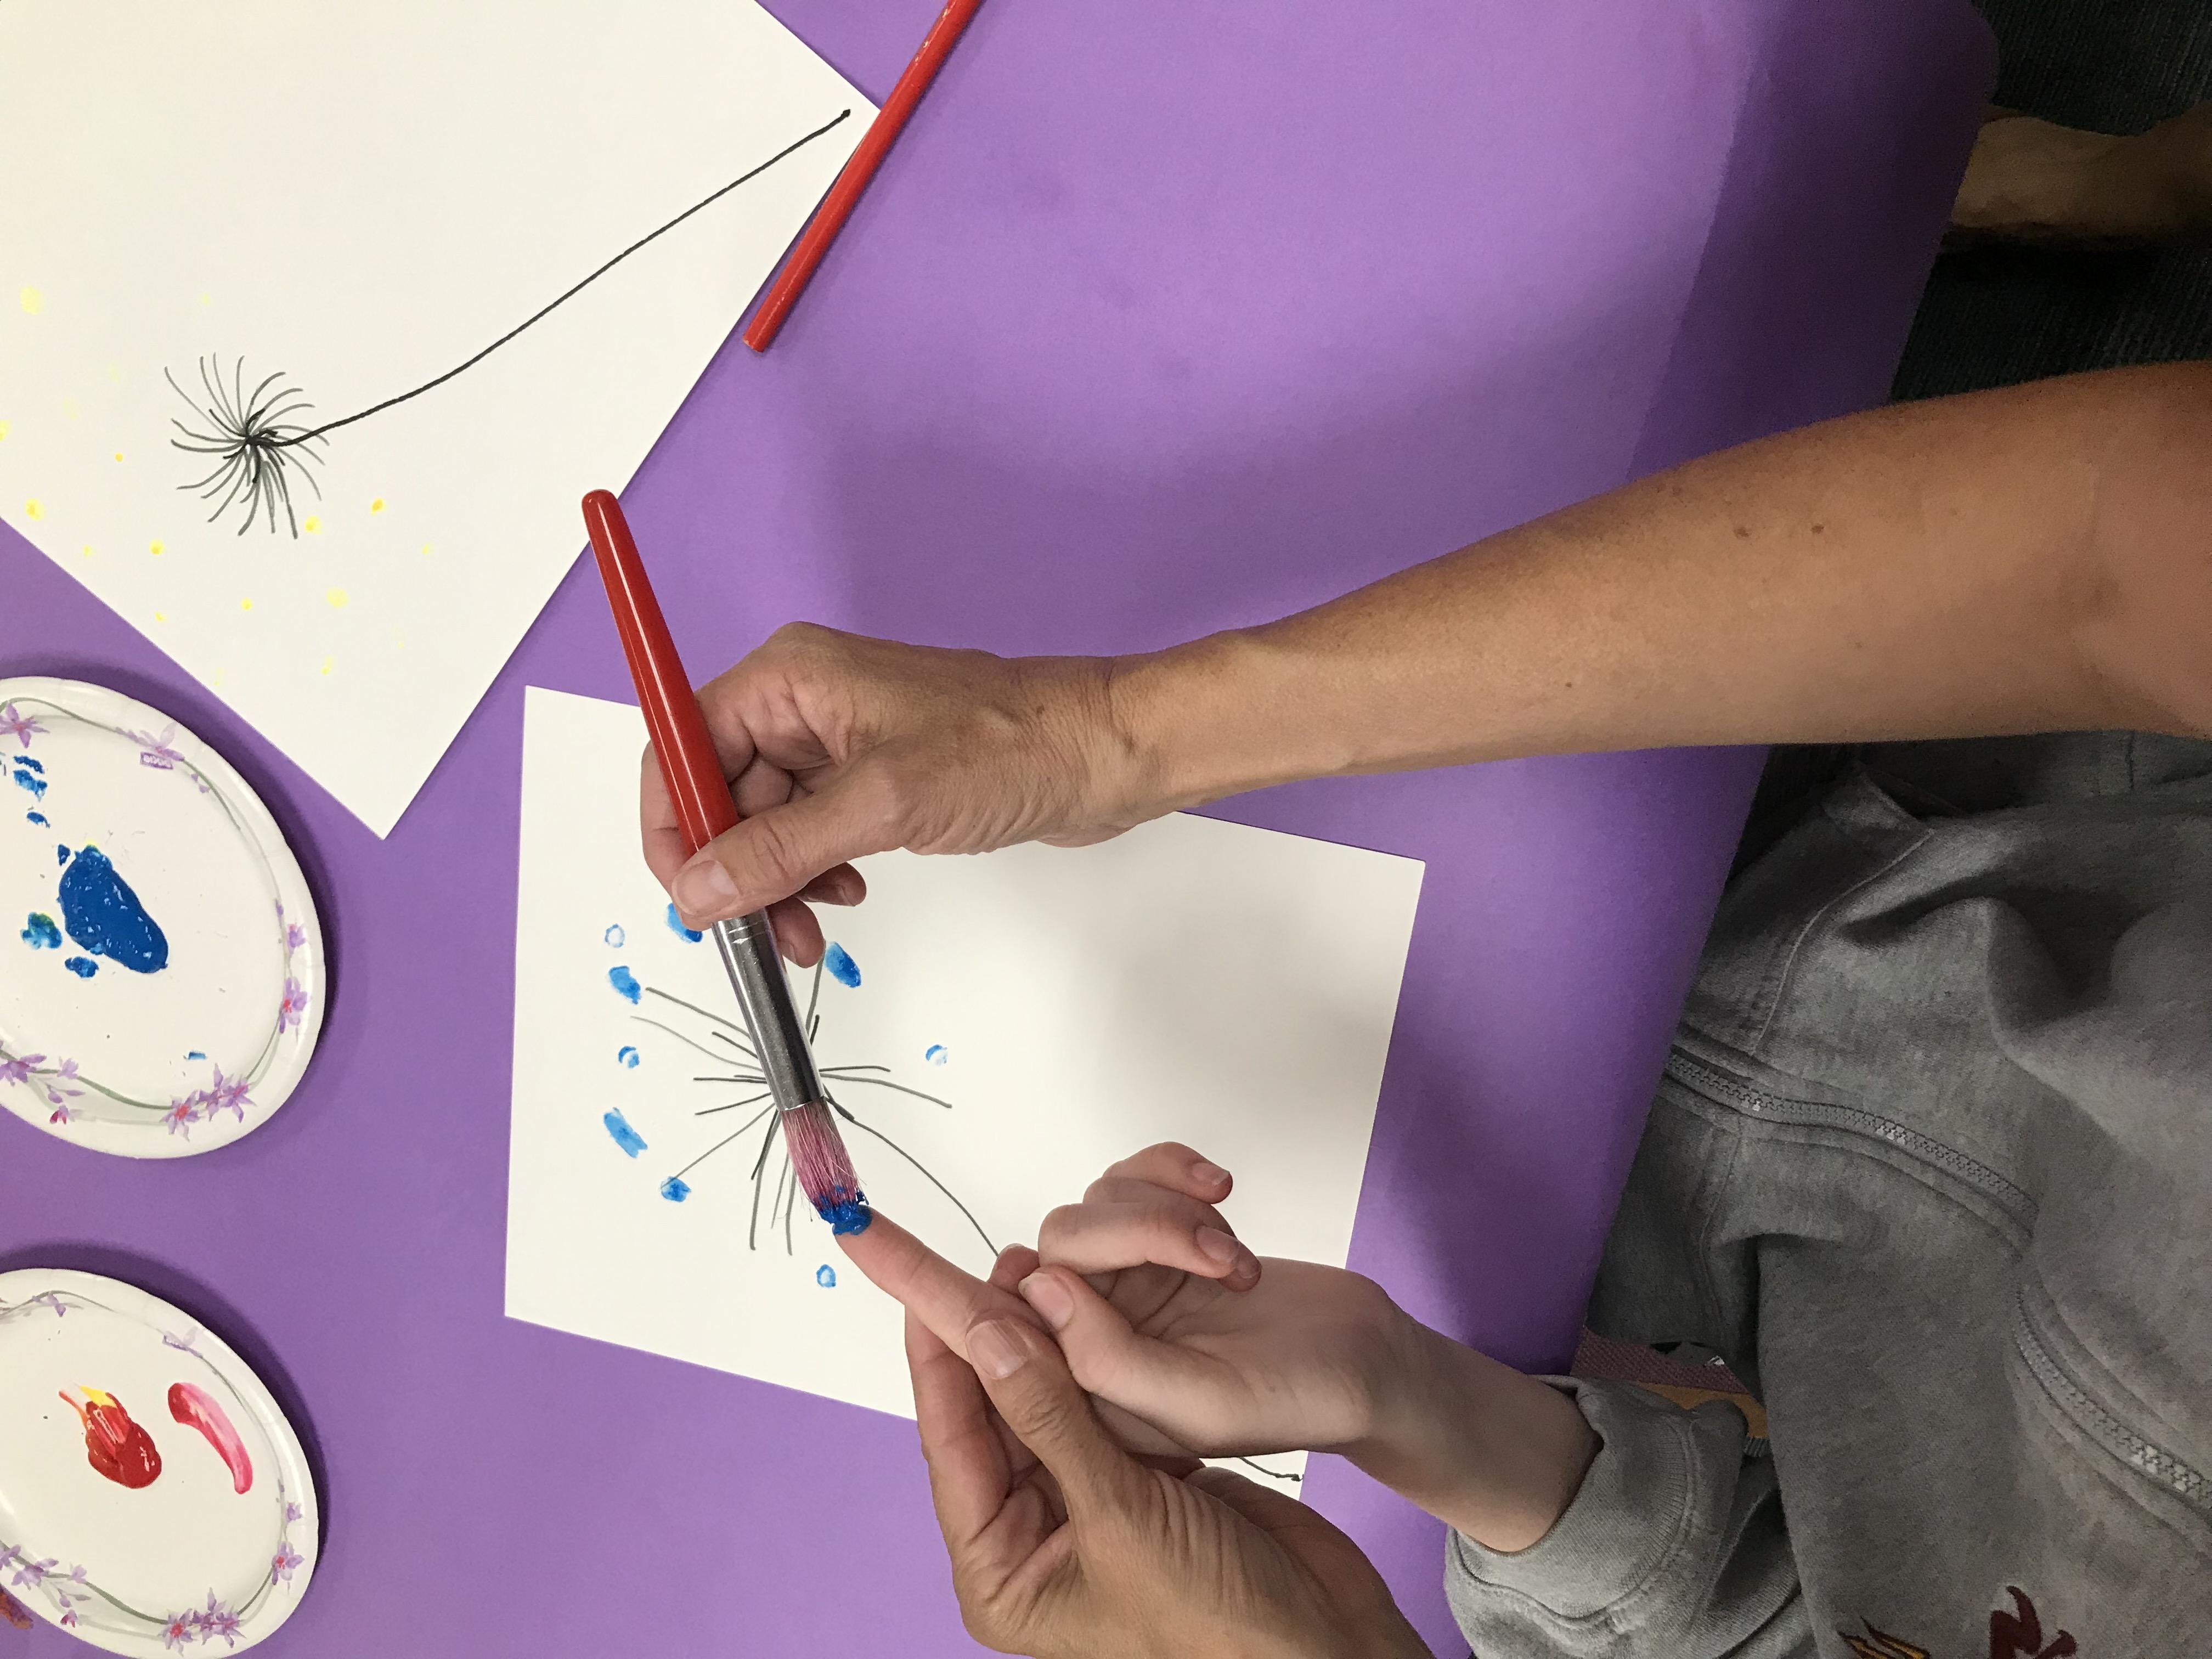 Applying paint to finger tips